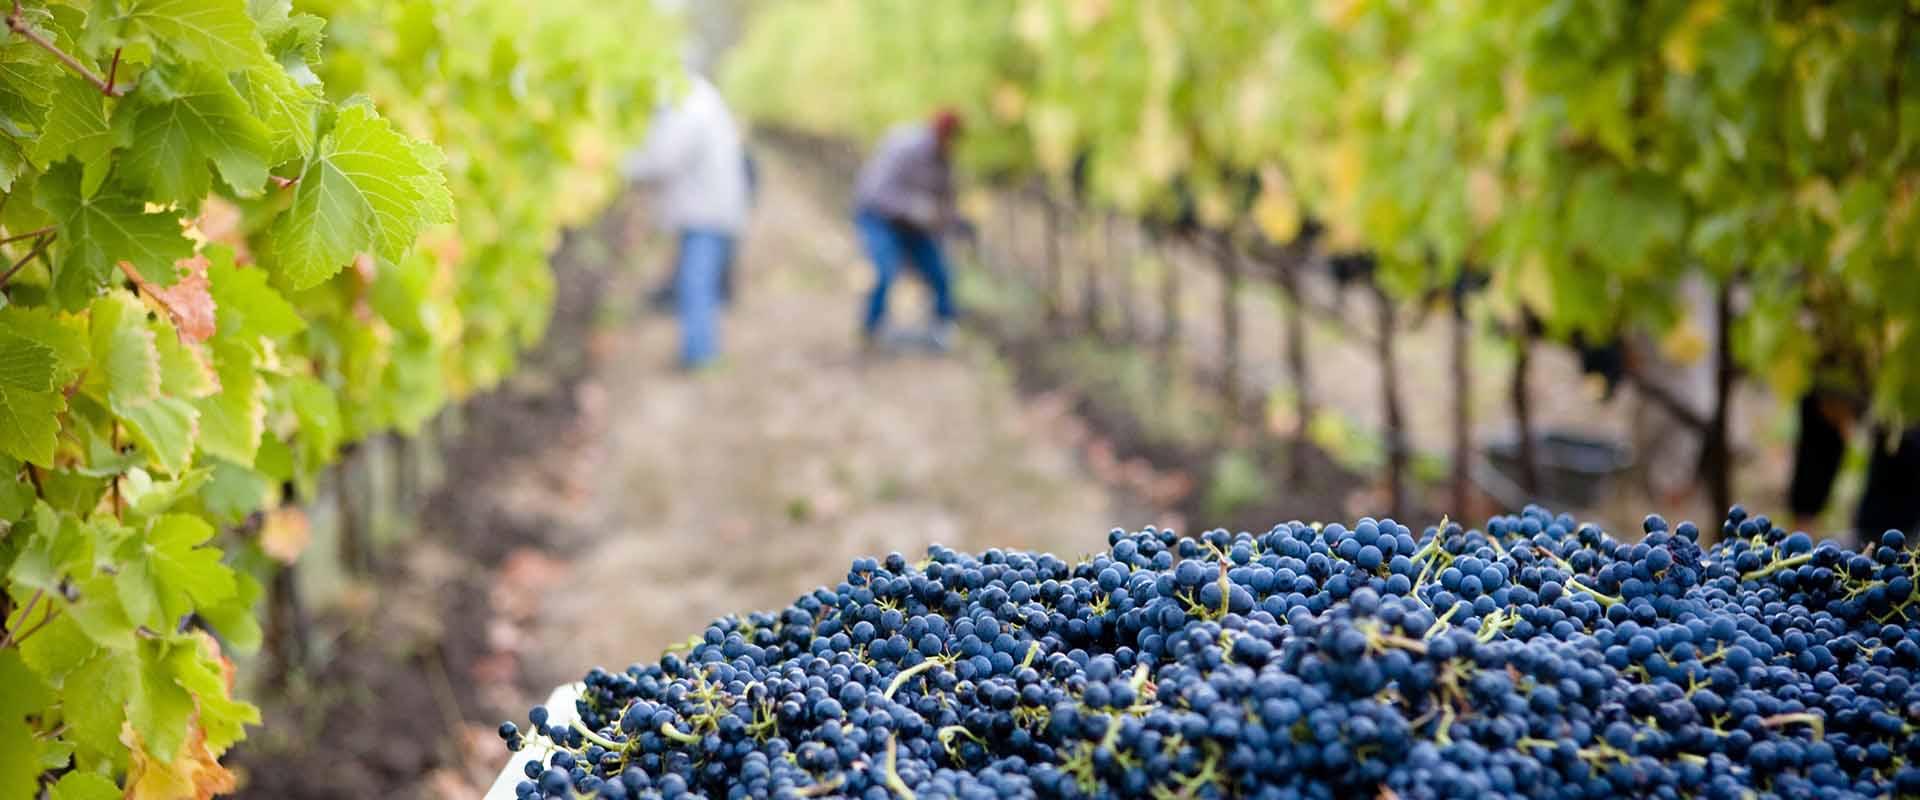 Mit dem SSE Visum kannst du auf einem Weingut arbeiten